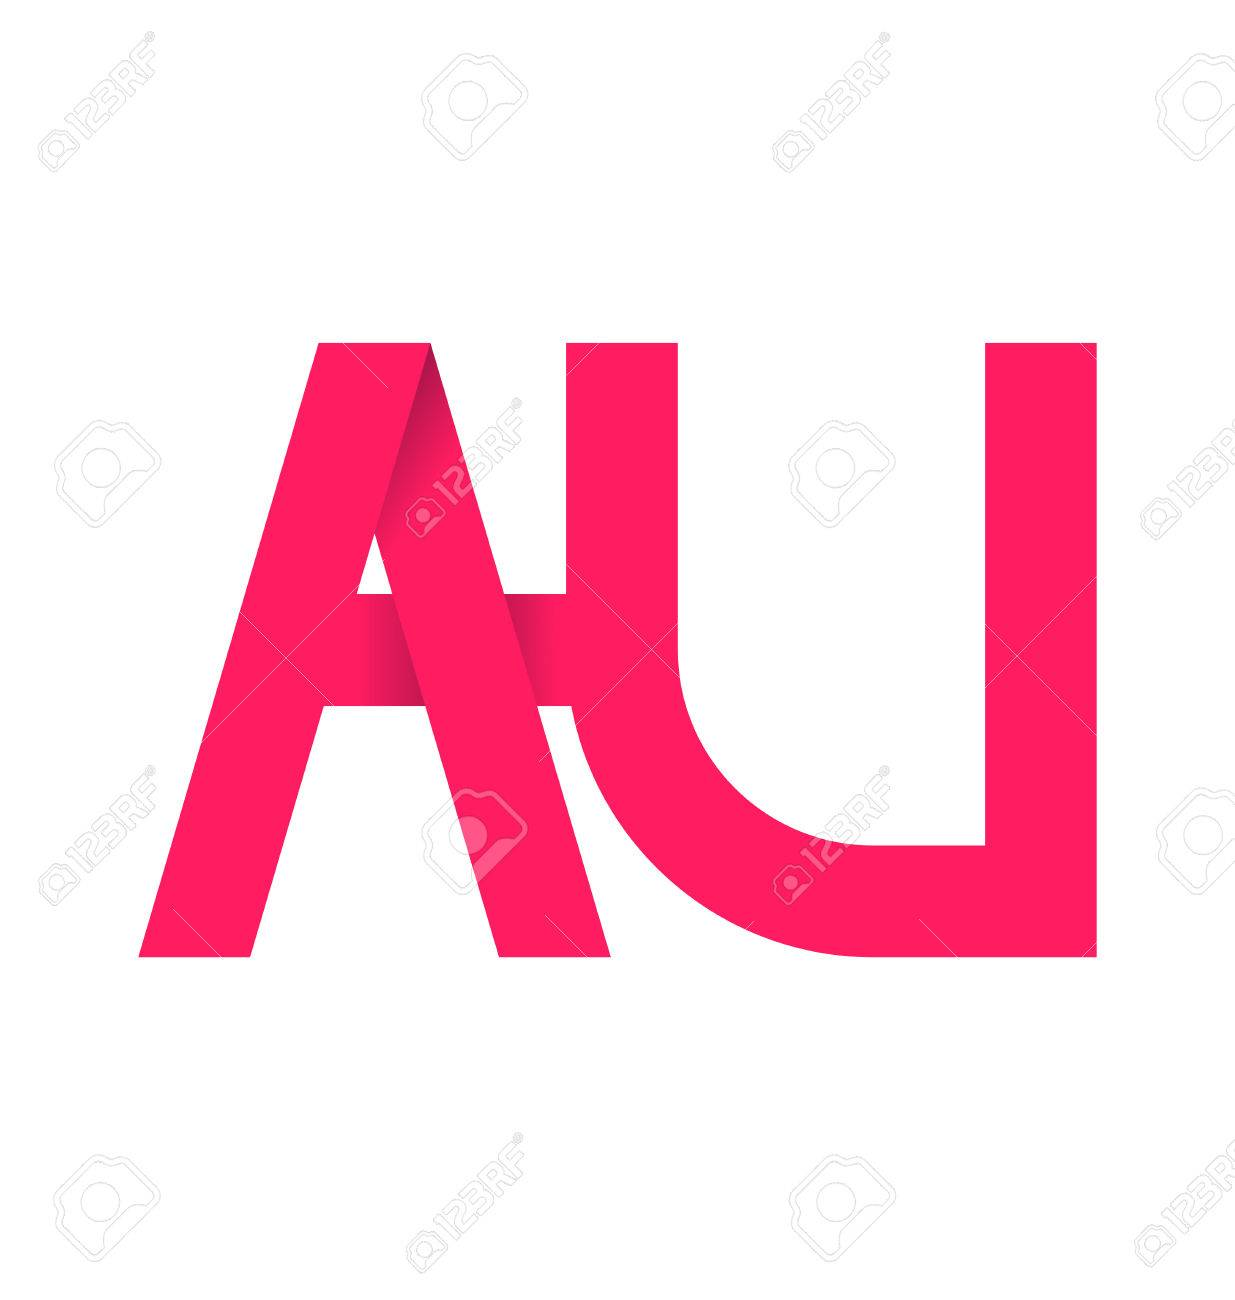 Au のアルファベット Composistion のロゴまたは署名のイラスト素材